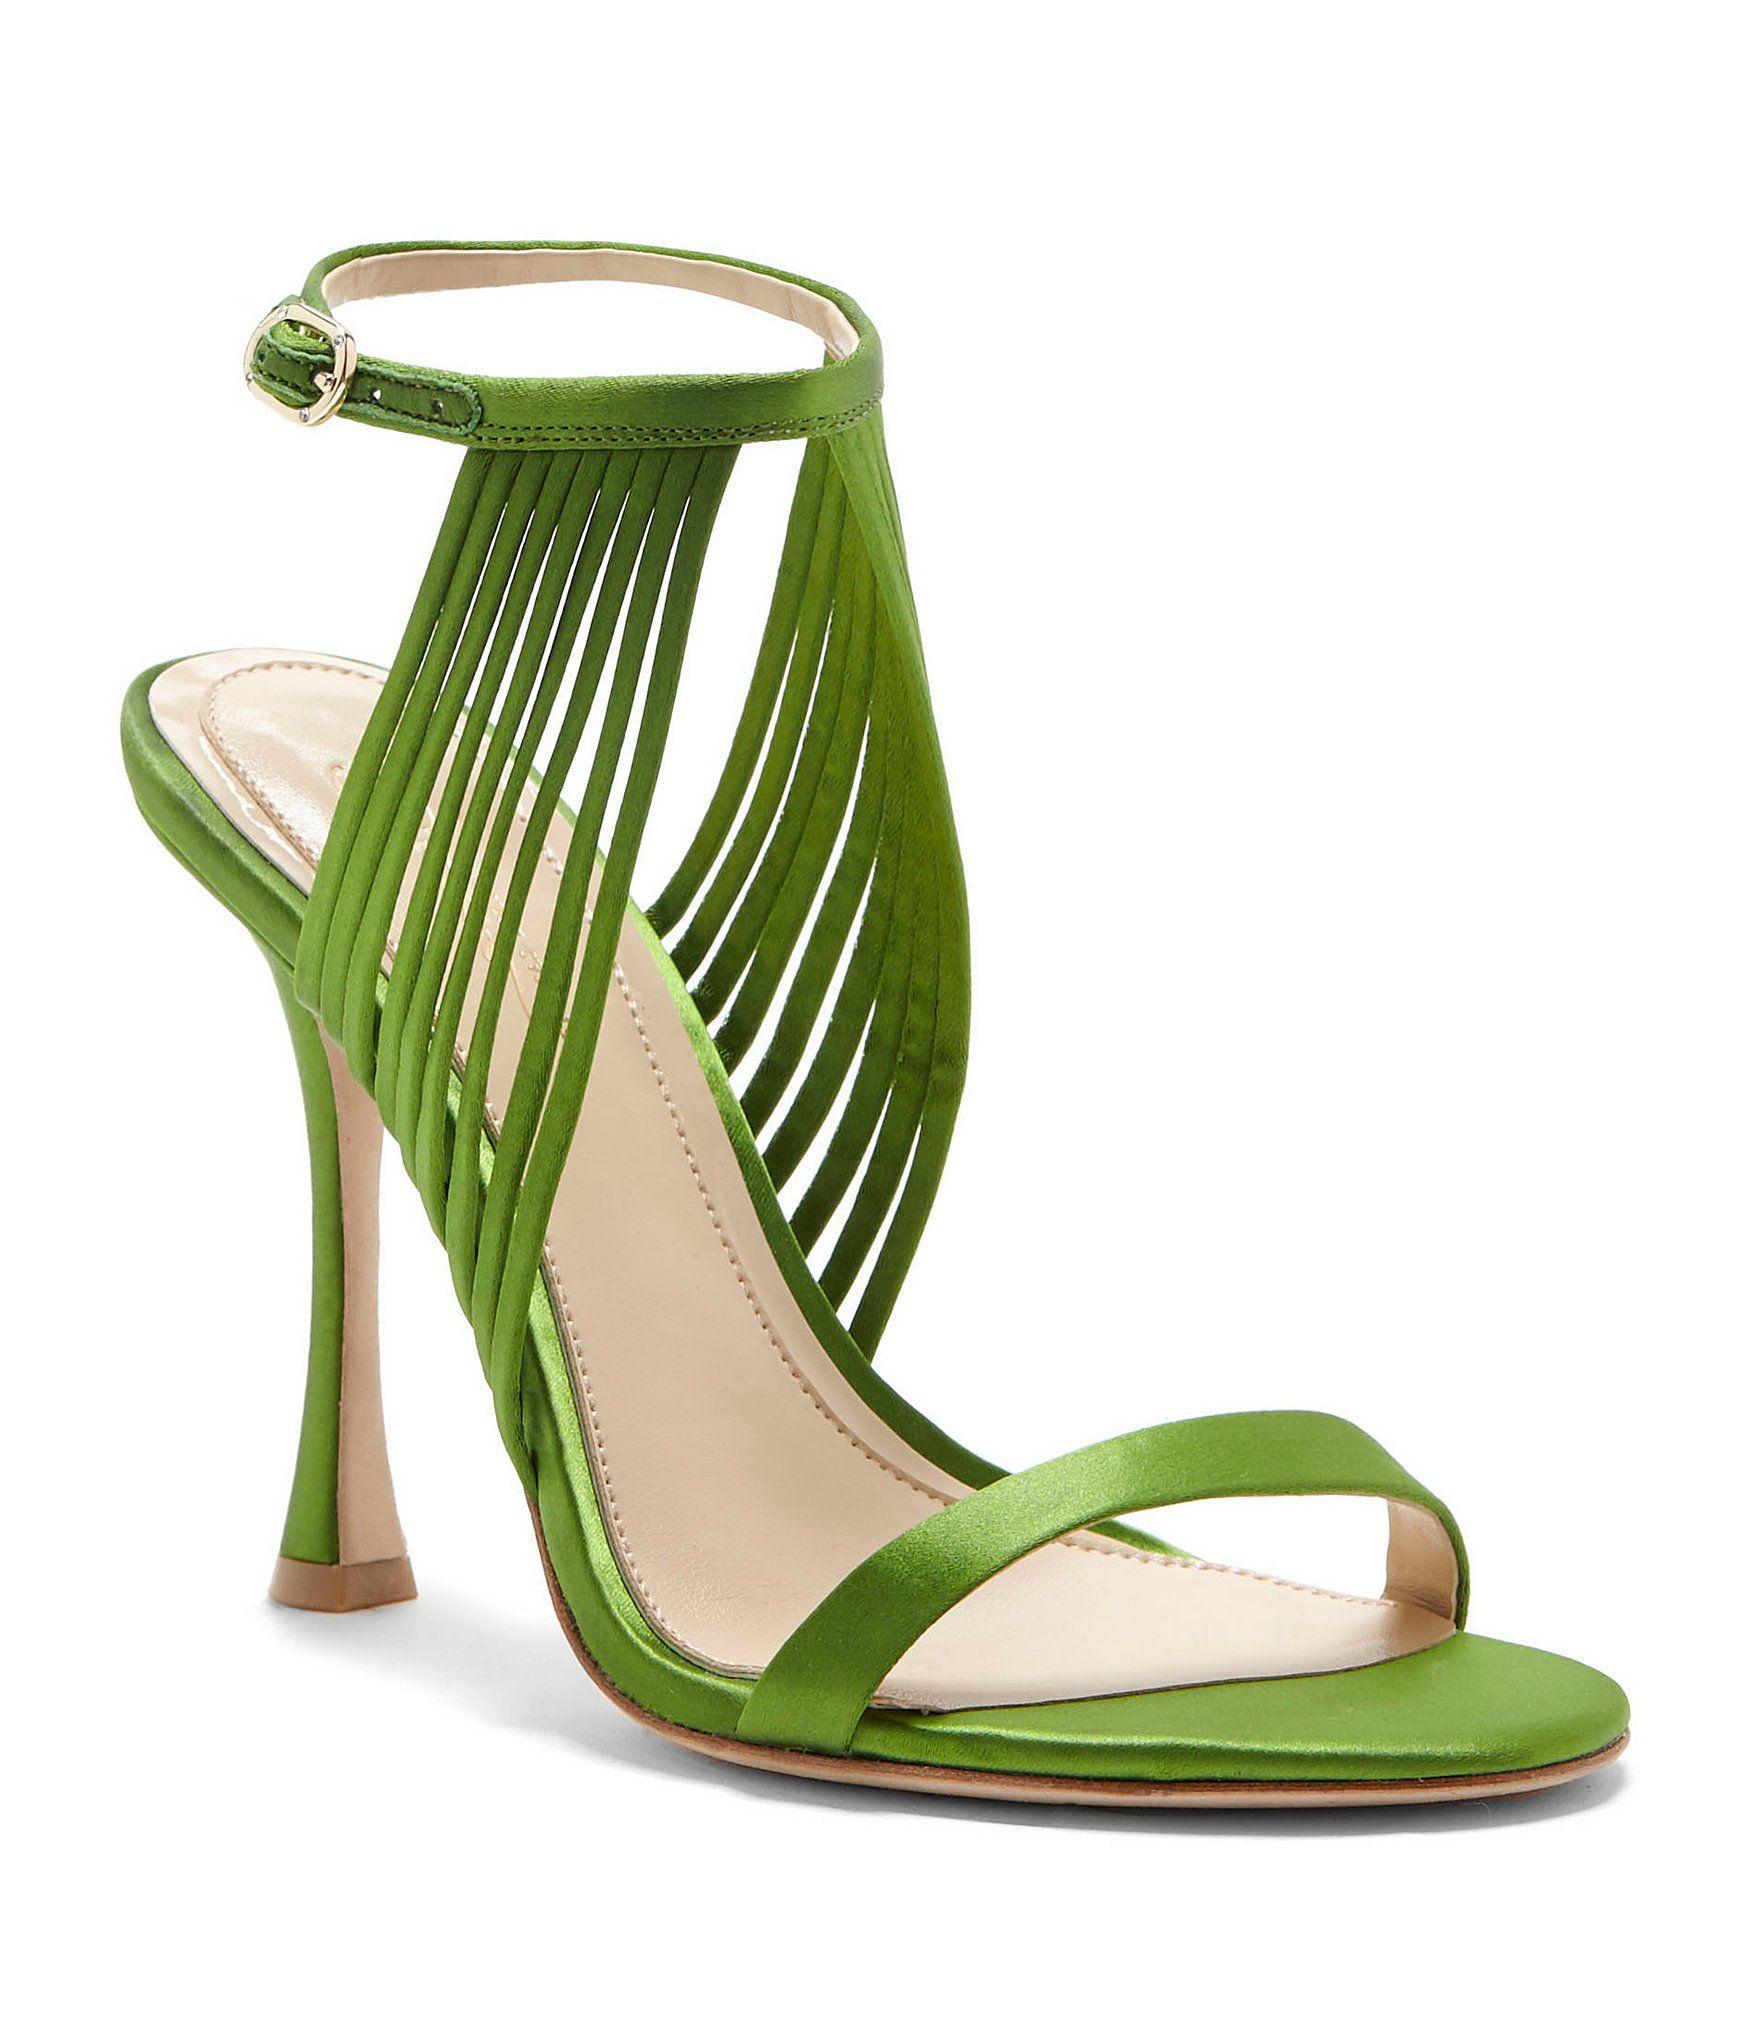 9b43c194d Imagine Vince Camuto Raim Satin Ankle Strap Dress Sandals #Dillards Dress  Sandals, Shoes Sandals